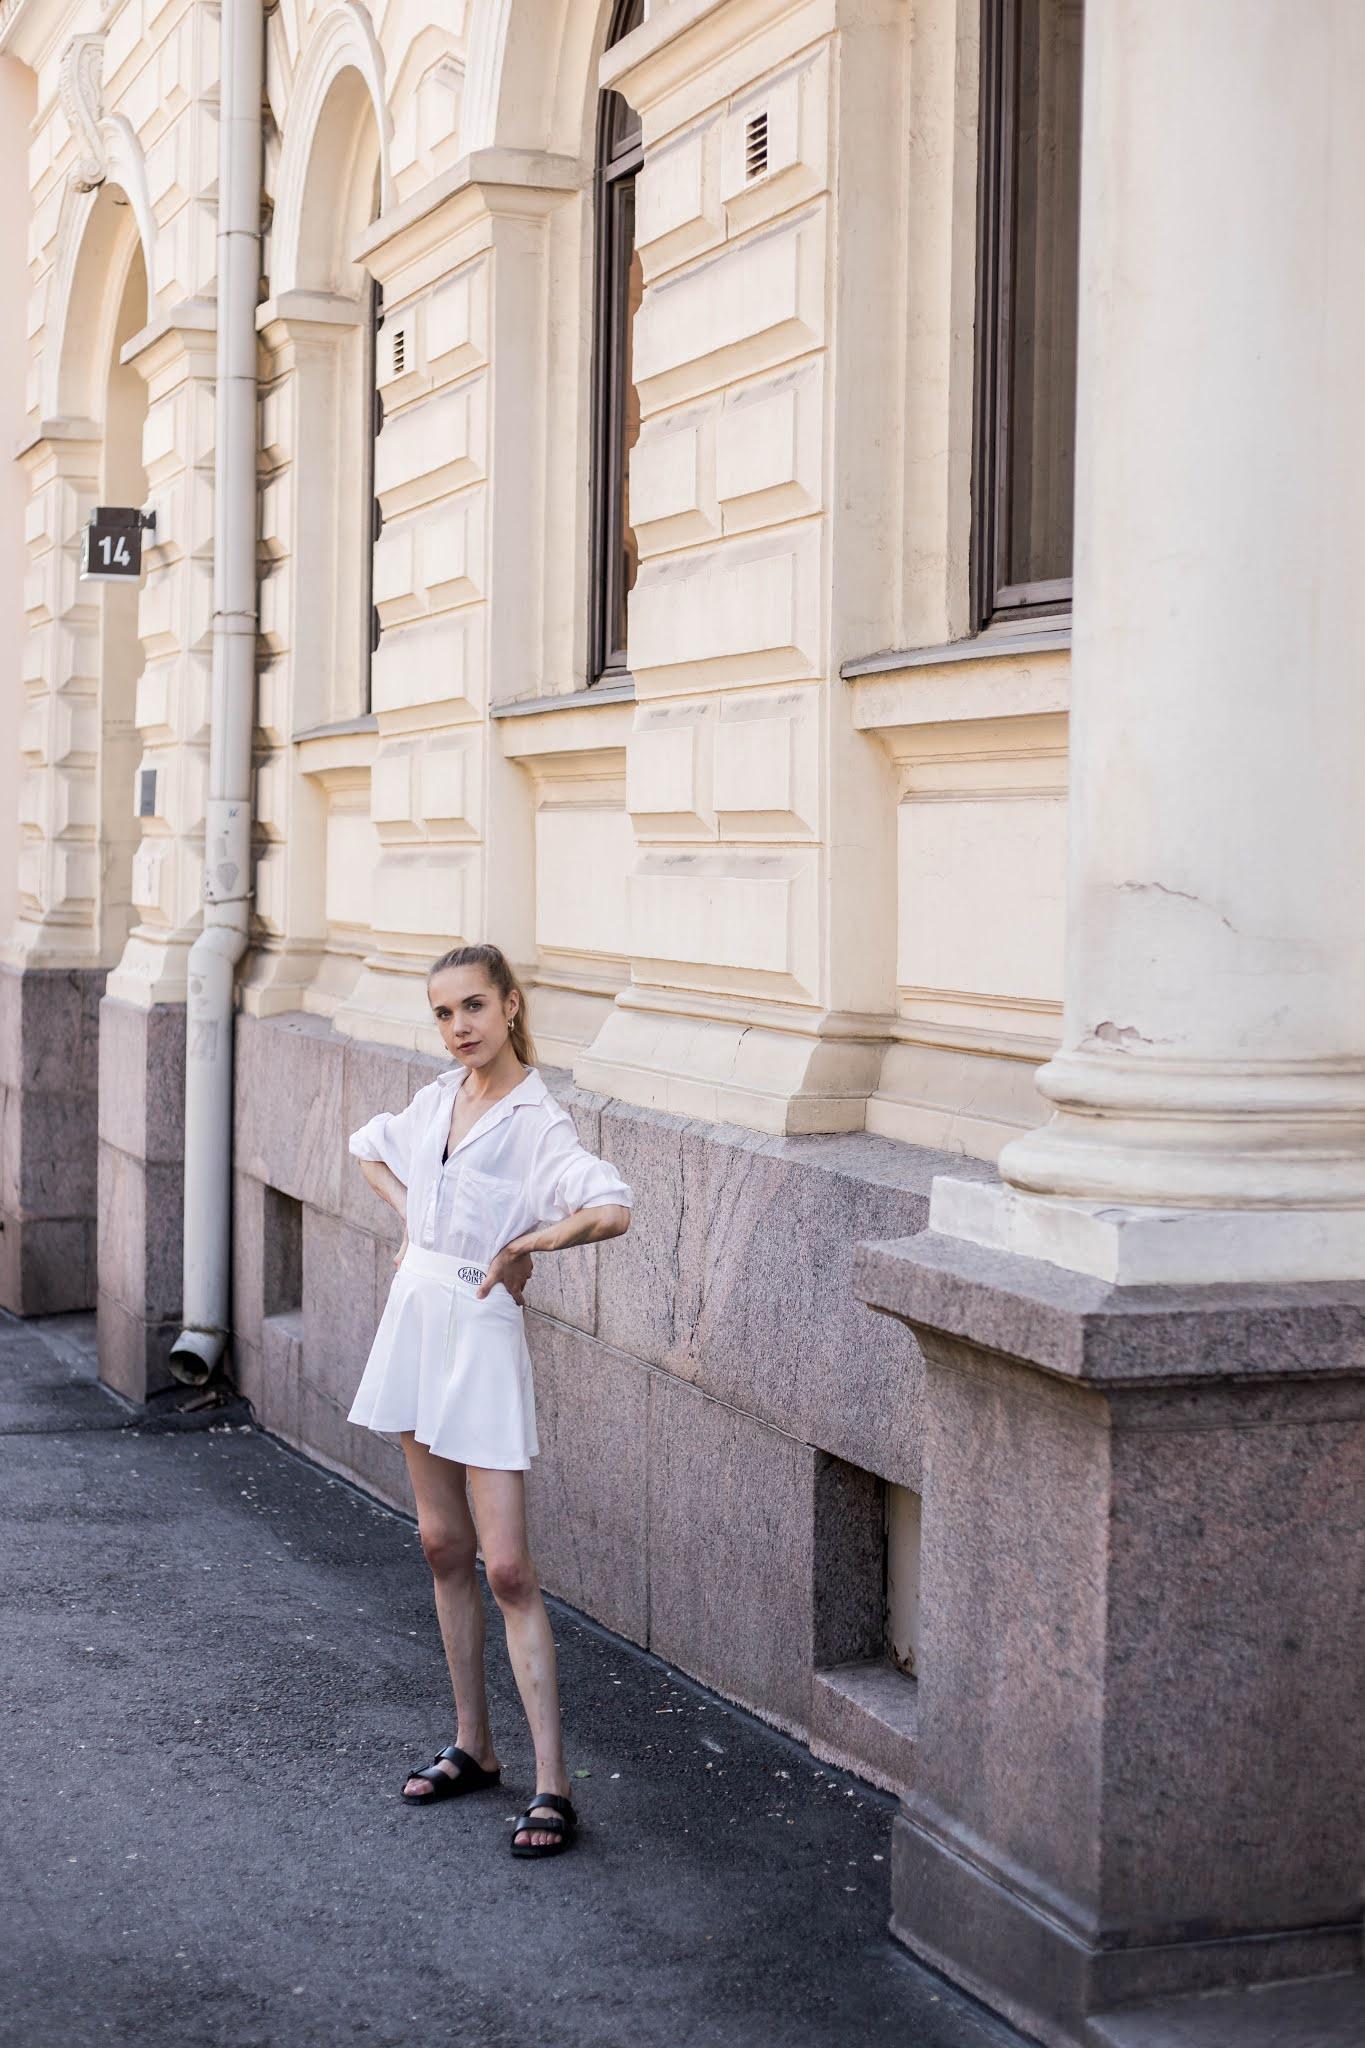 Kuinka yhdistää tennishame // How to wear a tennis skirt